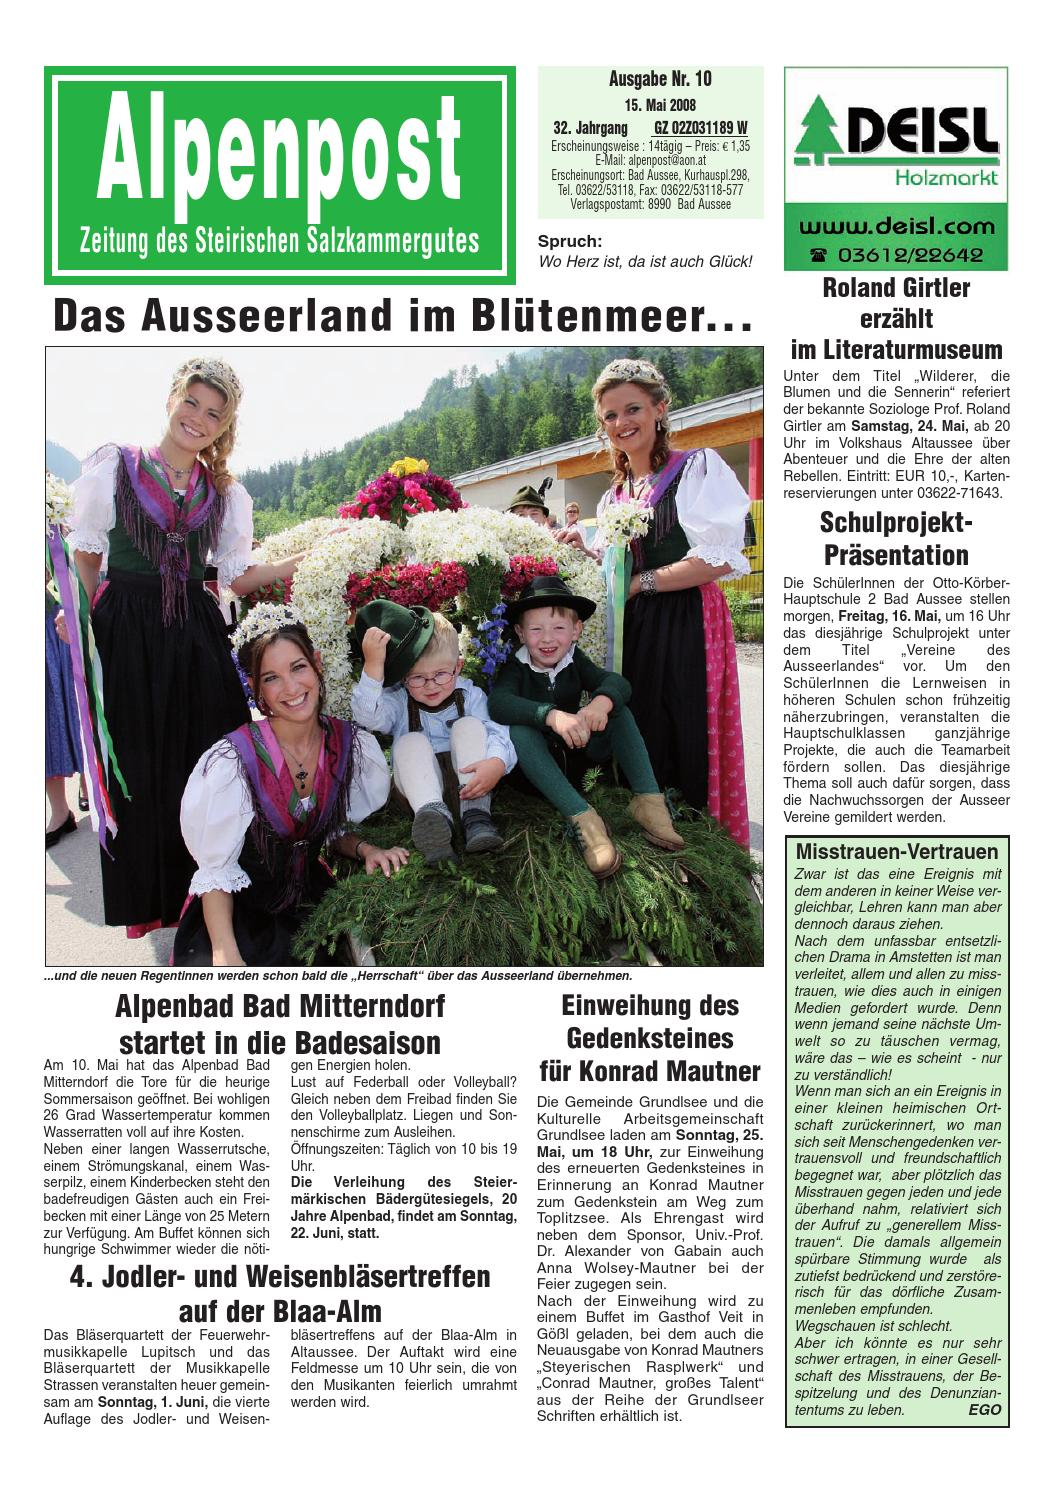 Bad mitterndorf frau treffen - Nette leute kennenlernen axams